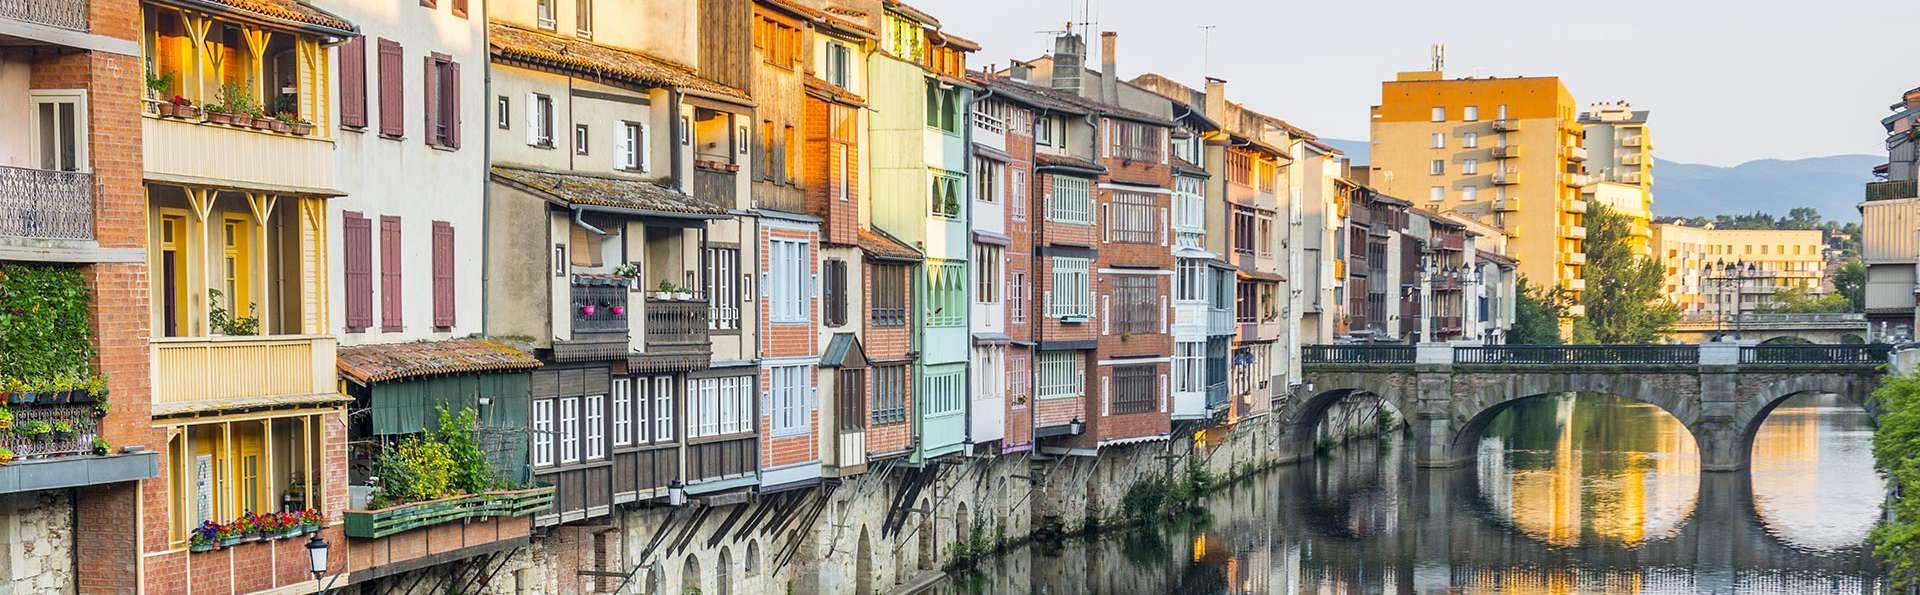 Hôtel Renaissance à Castres - EDIT_CASTRES_01.jpg